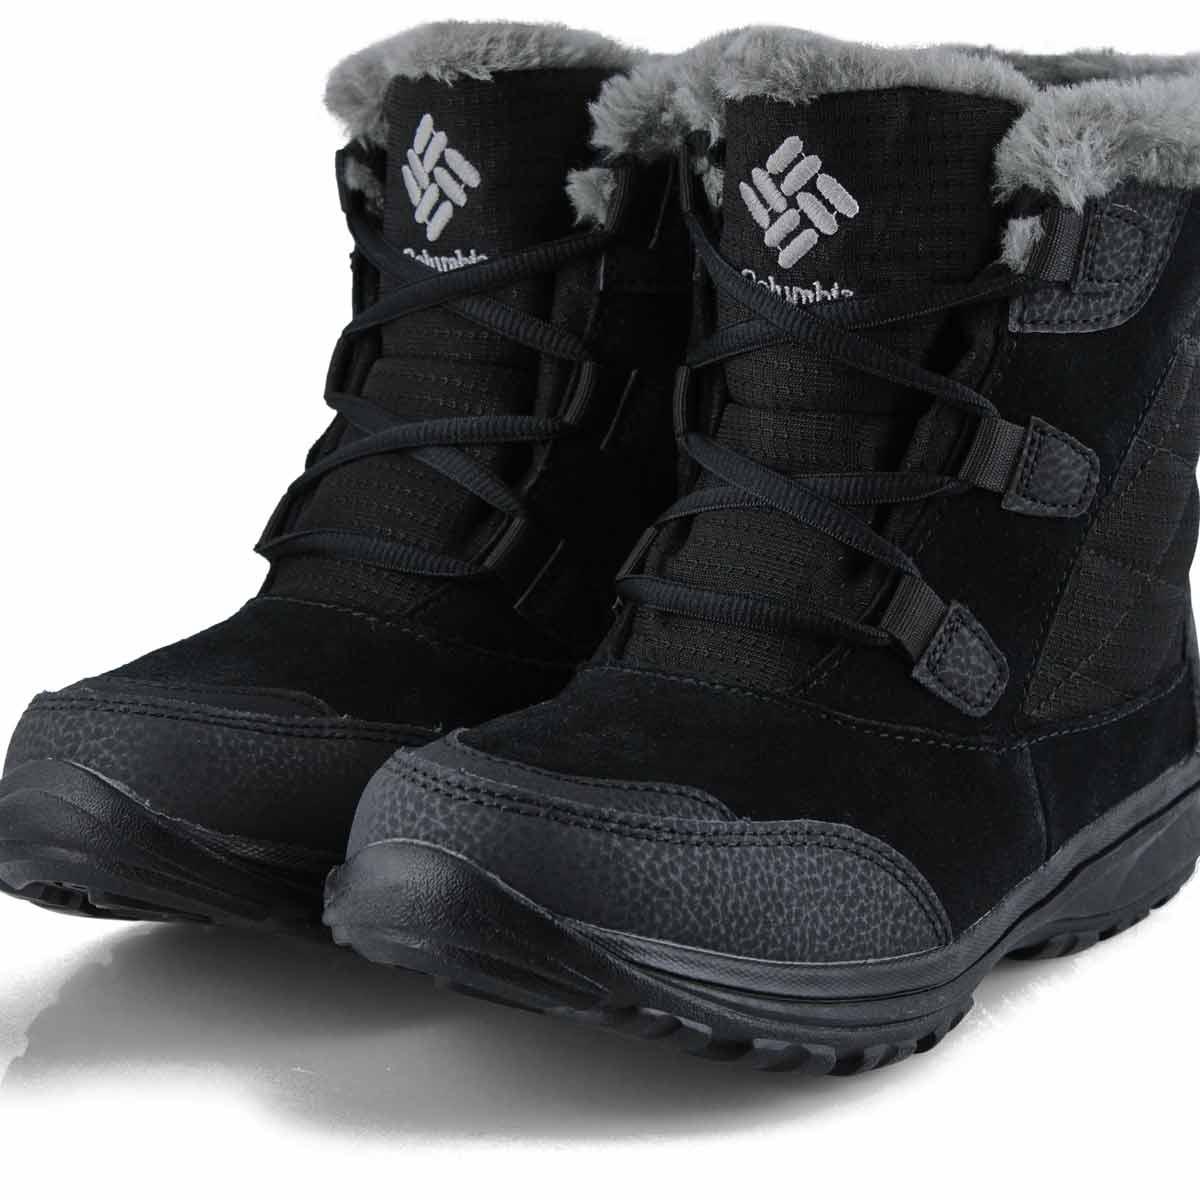 Bottes d'hiver ICE MAIDEN SHORTY noire, femmes